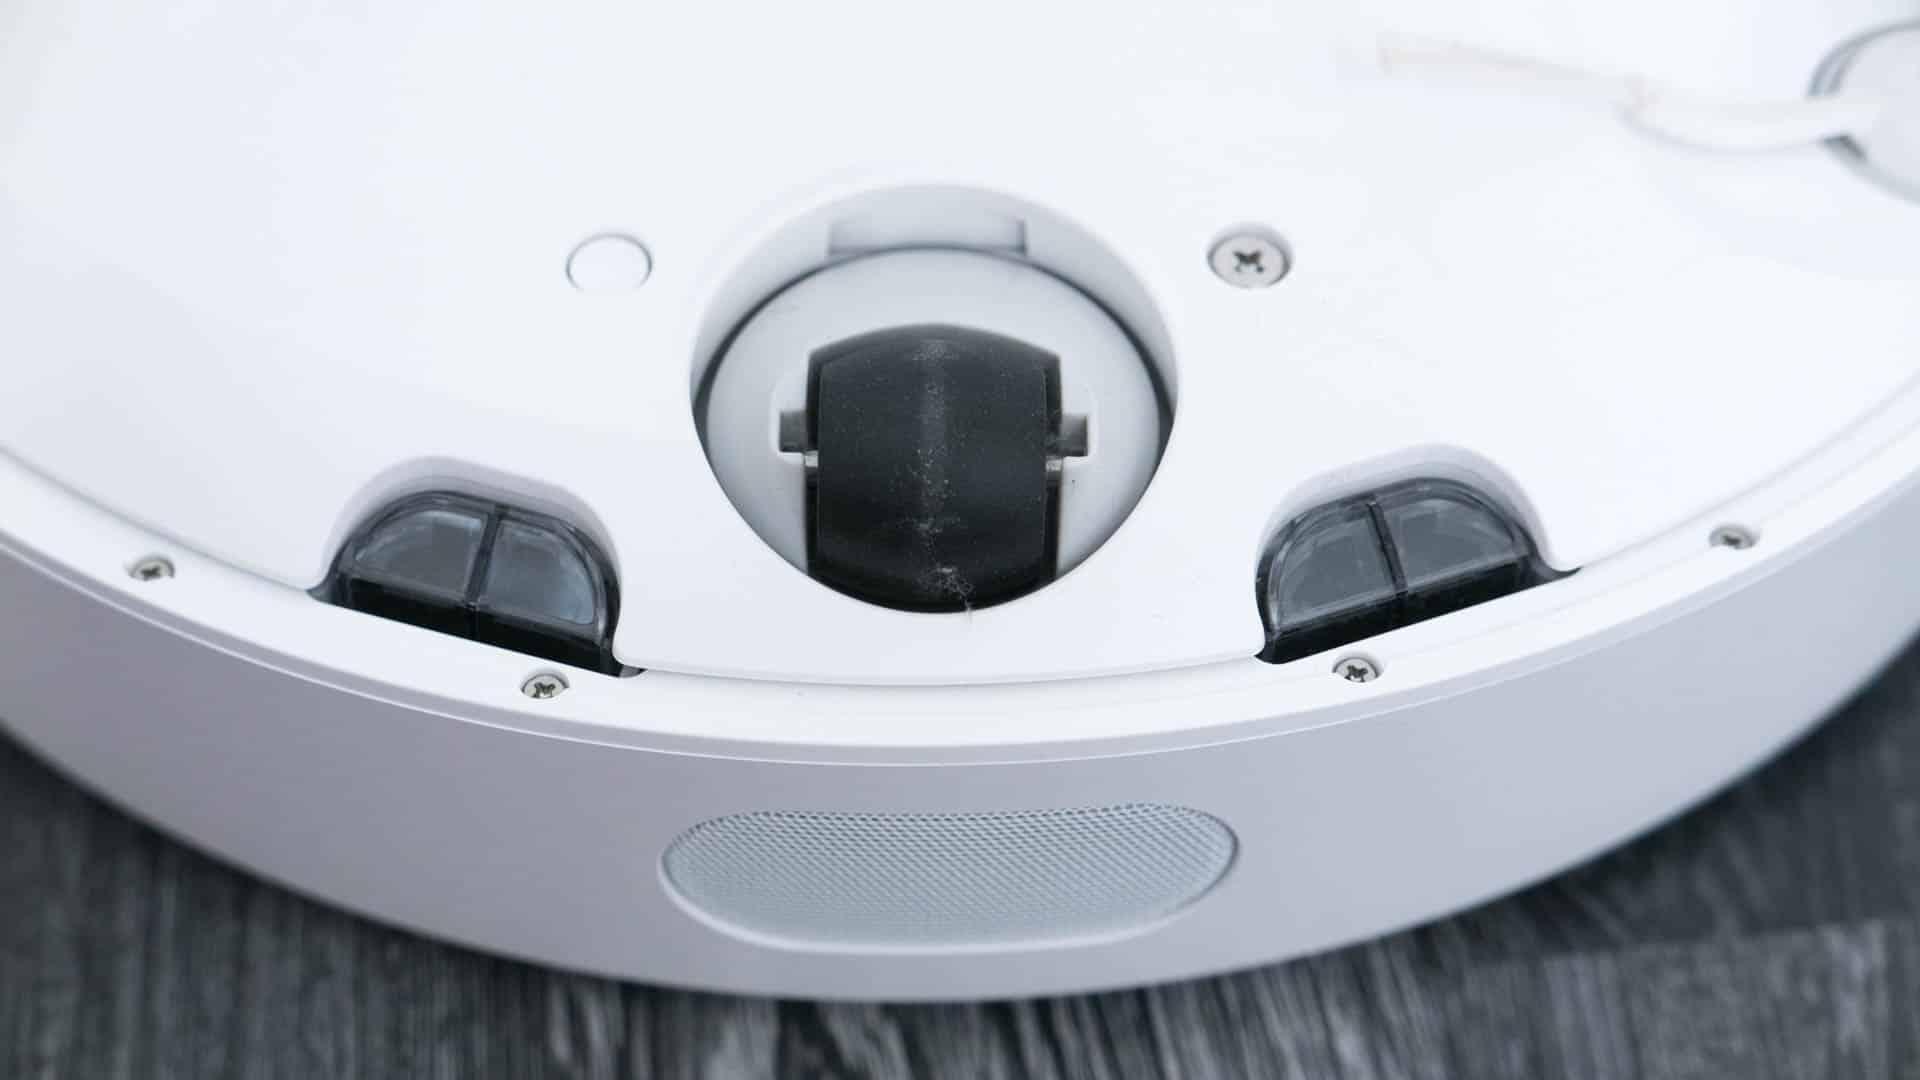 Xiaomi-Mi-Staubsauger-Roboter-im-Test-Steuerrad